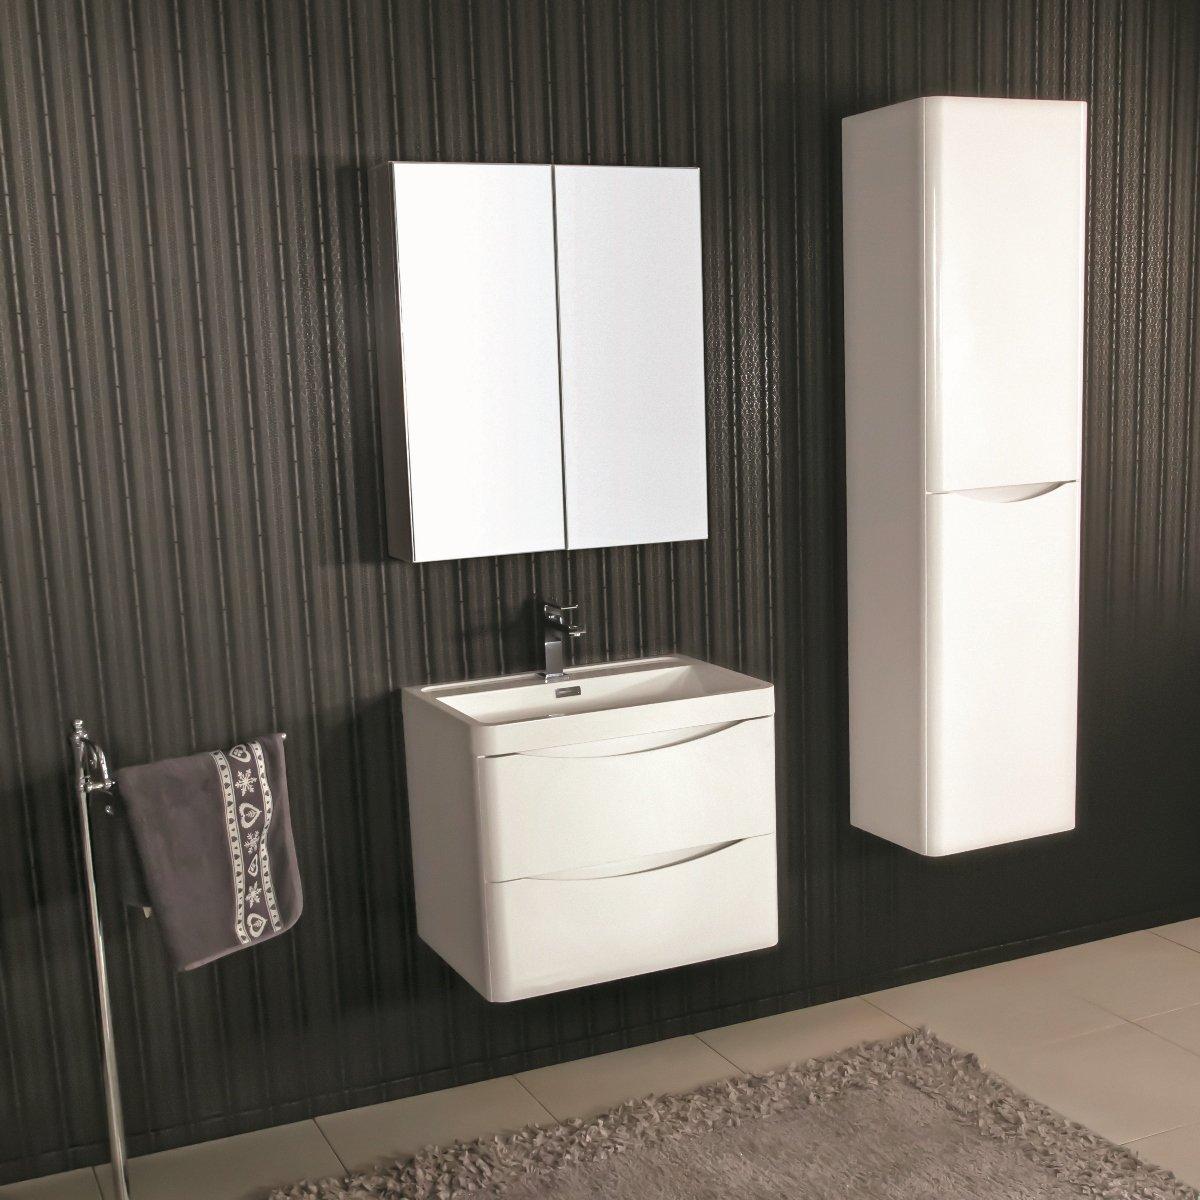 Mobile bagno sospeso moderno 60 cm con lavabo colonna e - Mobile lavello bagno ...